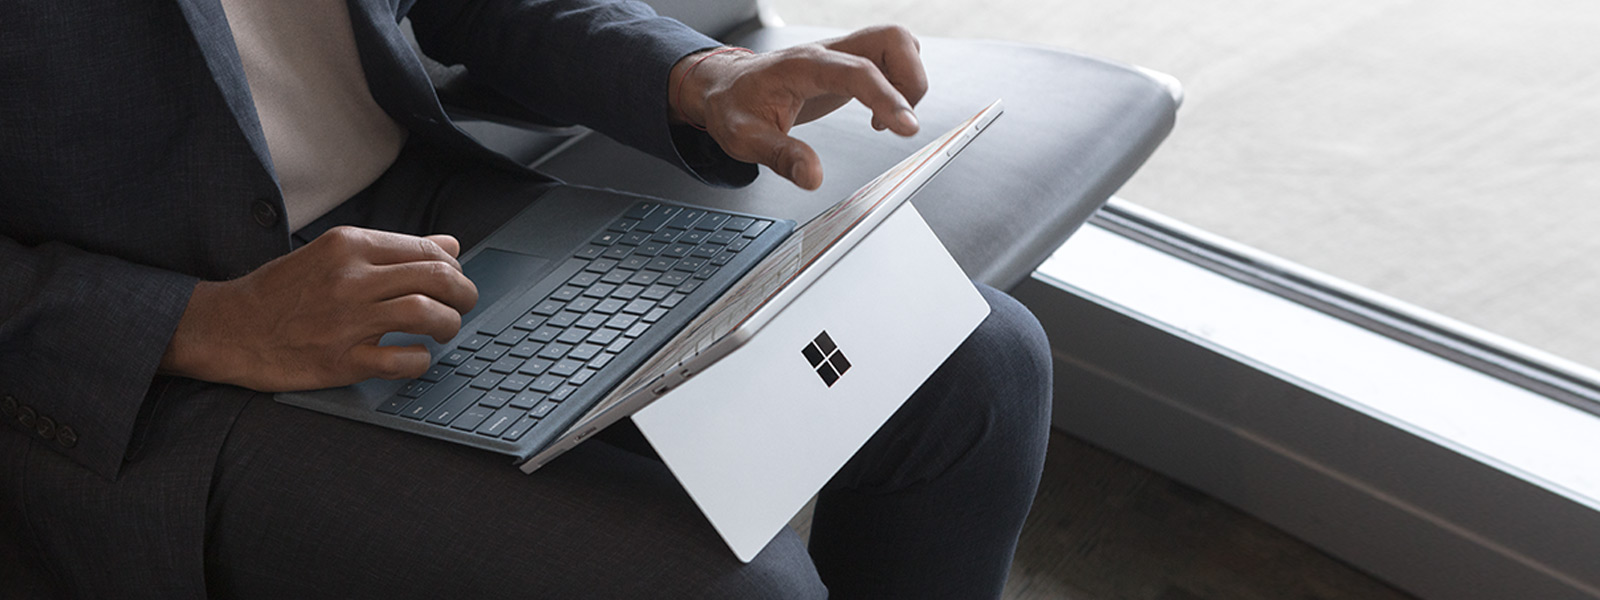 노트북 모드의 Surface Pro 6로 작업하는 남성